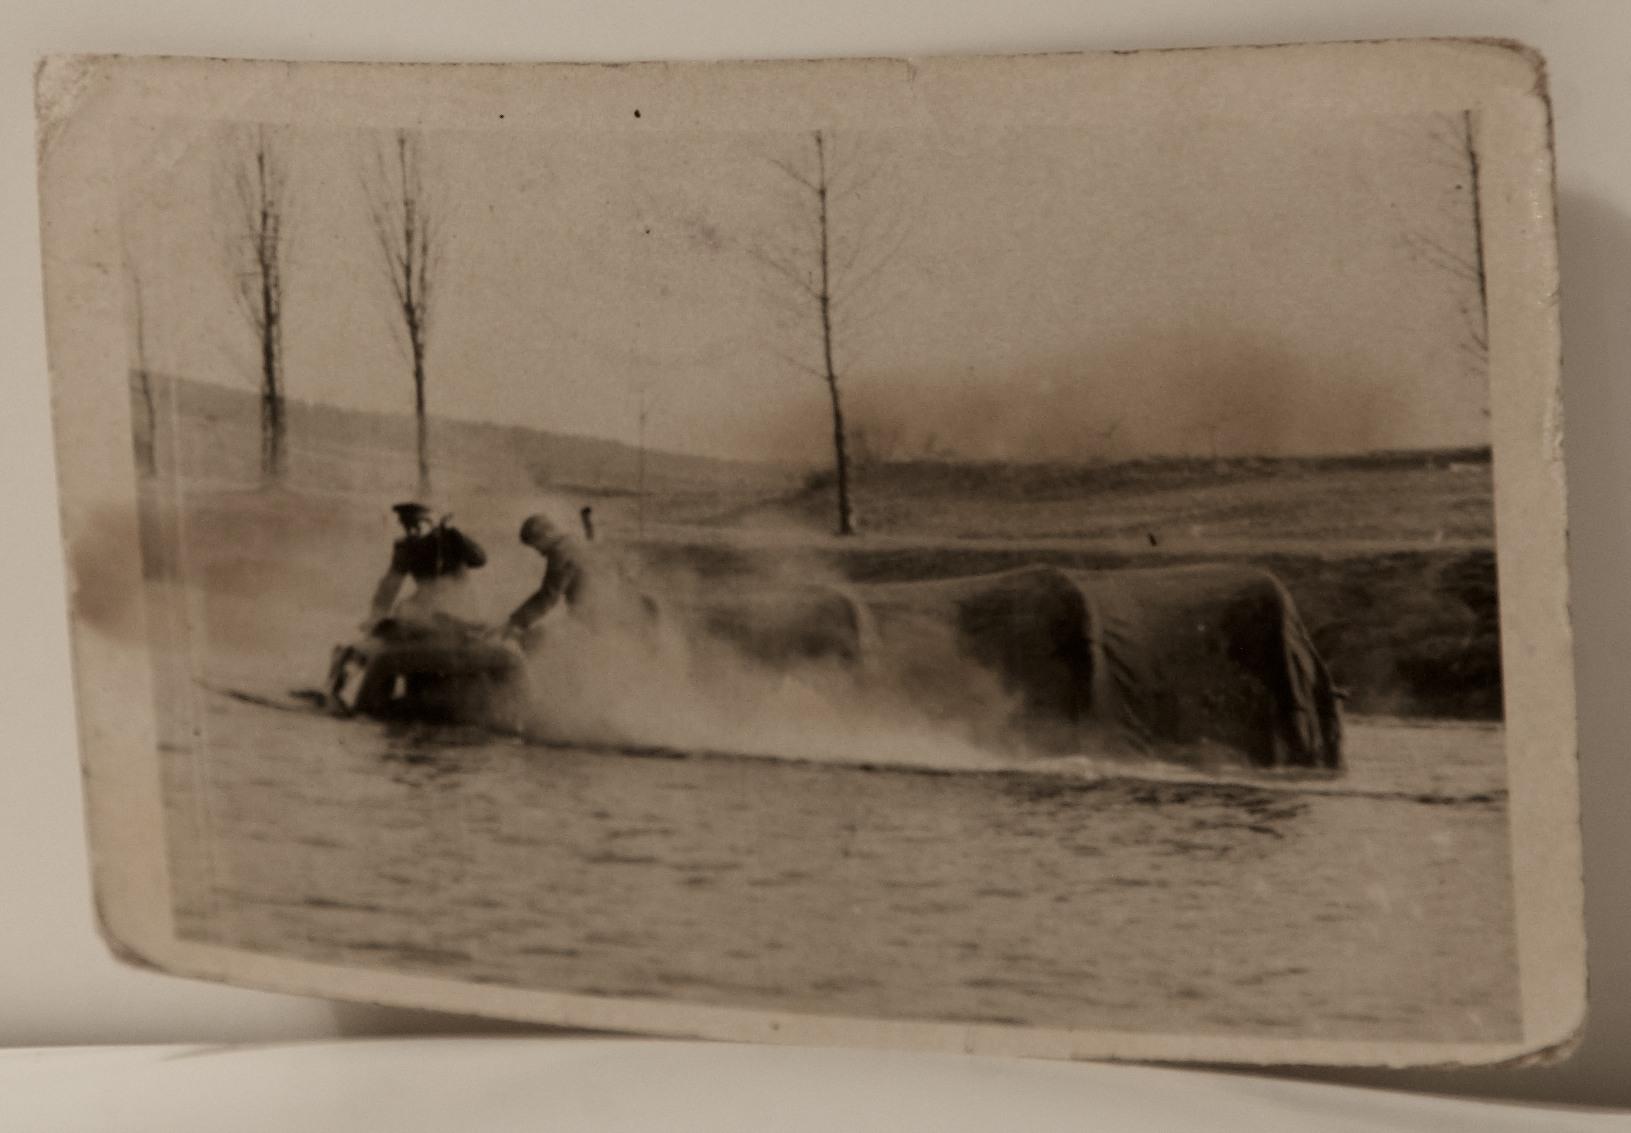 brození řeky v3s vejtřaska